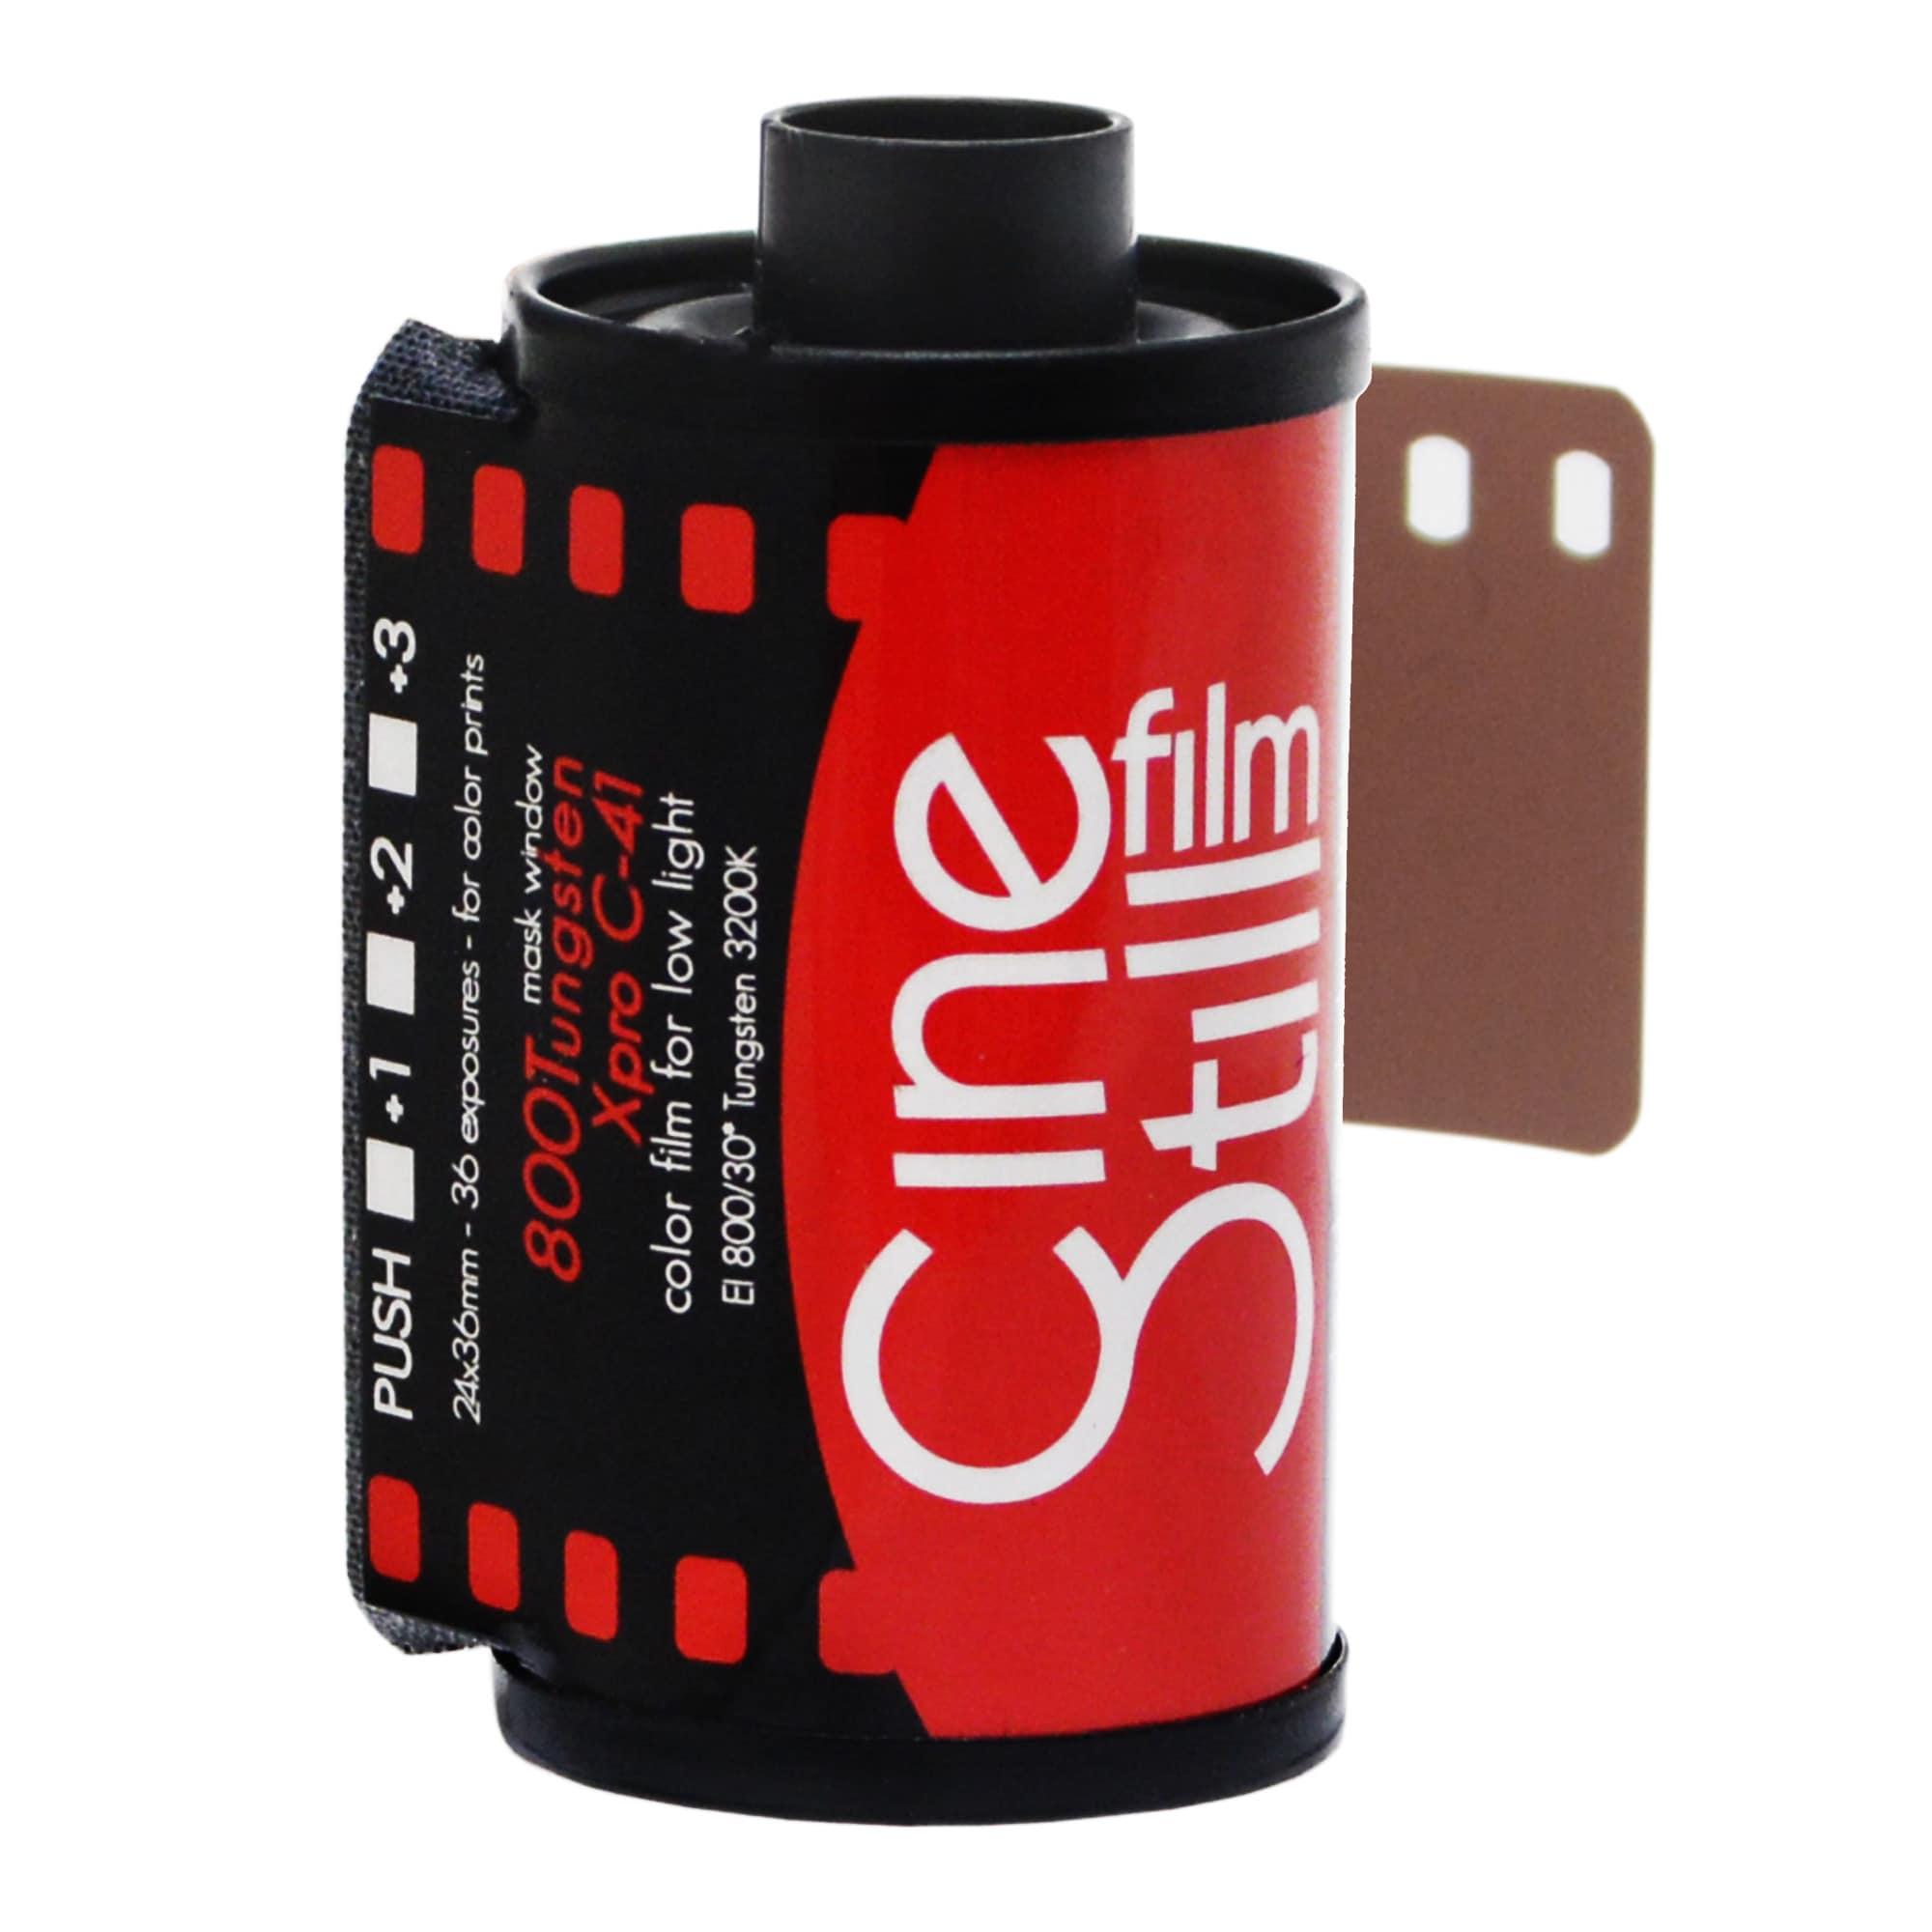 CineStill Xpro C-41 800 Tungsten 135/36